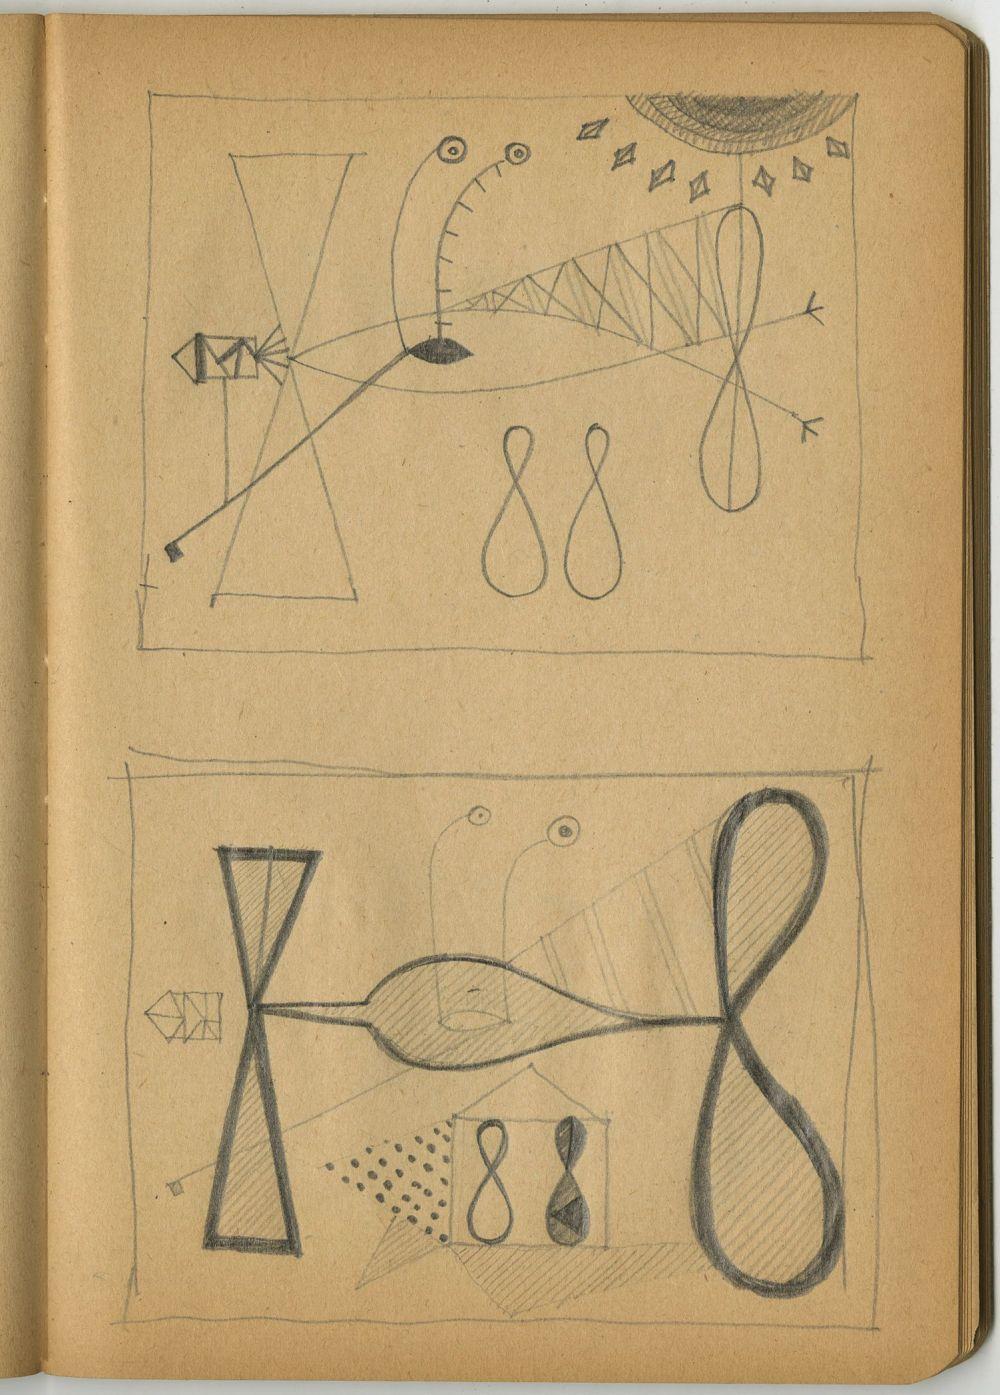 G39375(142)<br/><b>Cím:</b> Cím nélkül<br/><b>Méret (cm):</b> 17,3x11,5<br/><b>Készült:</b> 1948.<br/><b>Technika:</b> ceruza<br/>